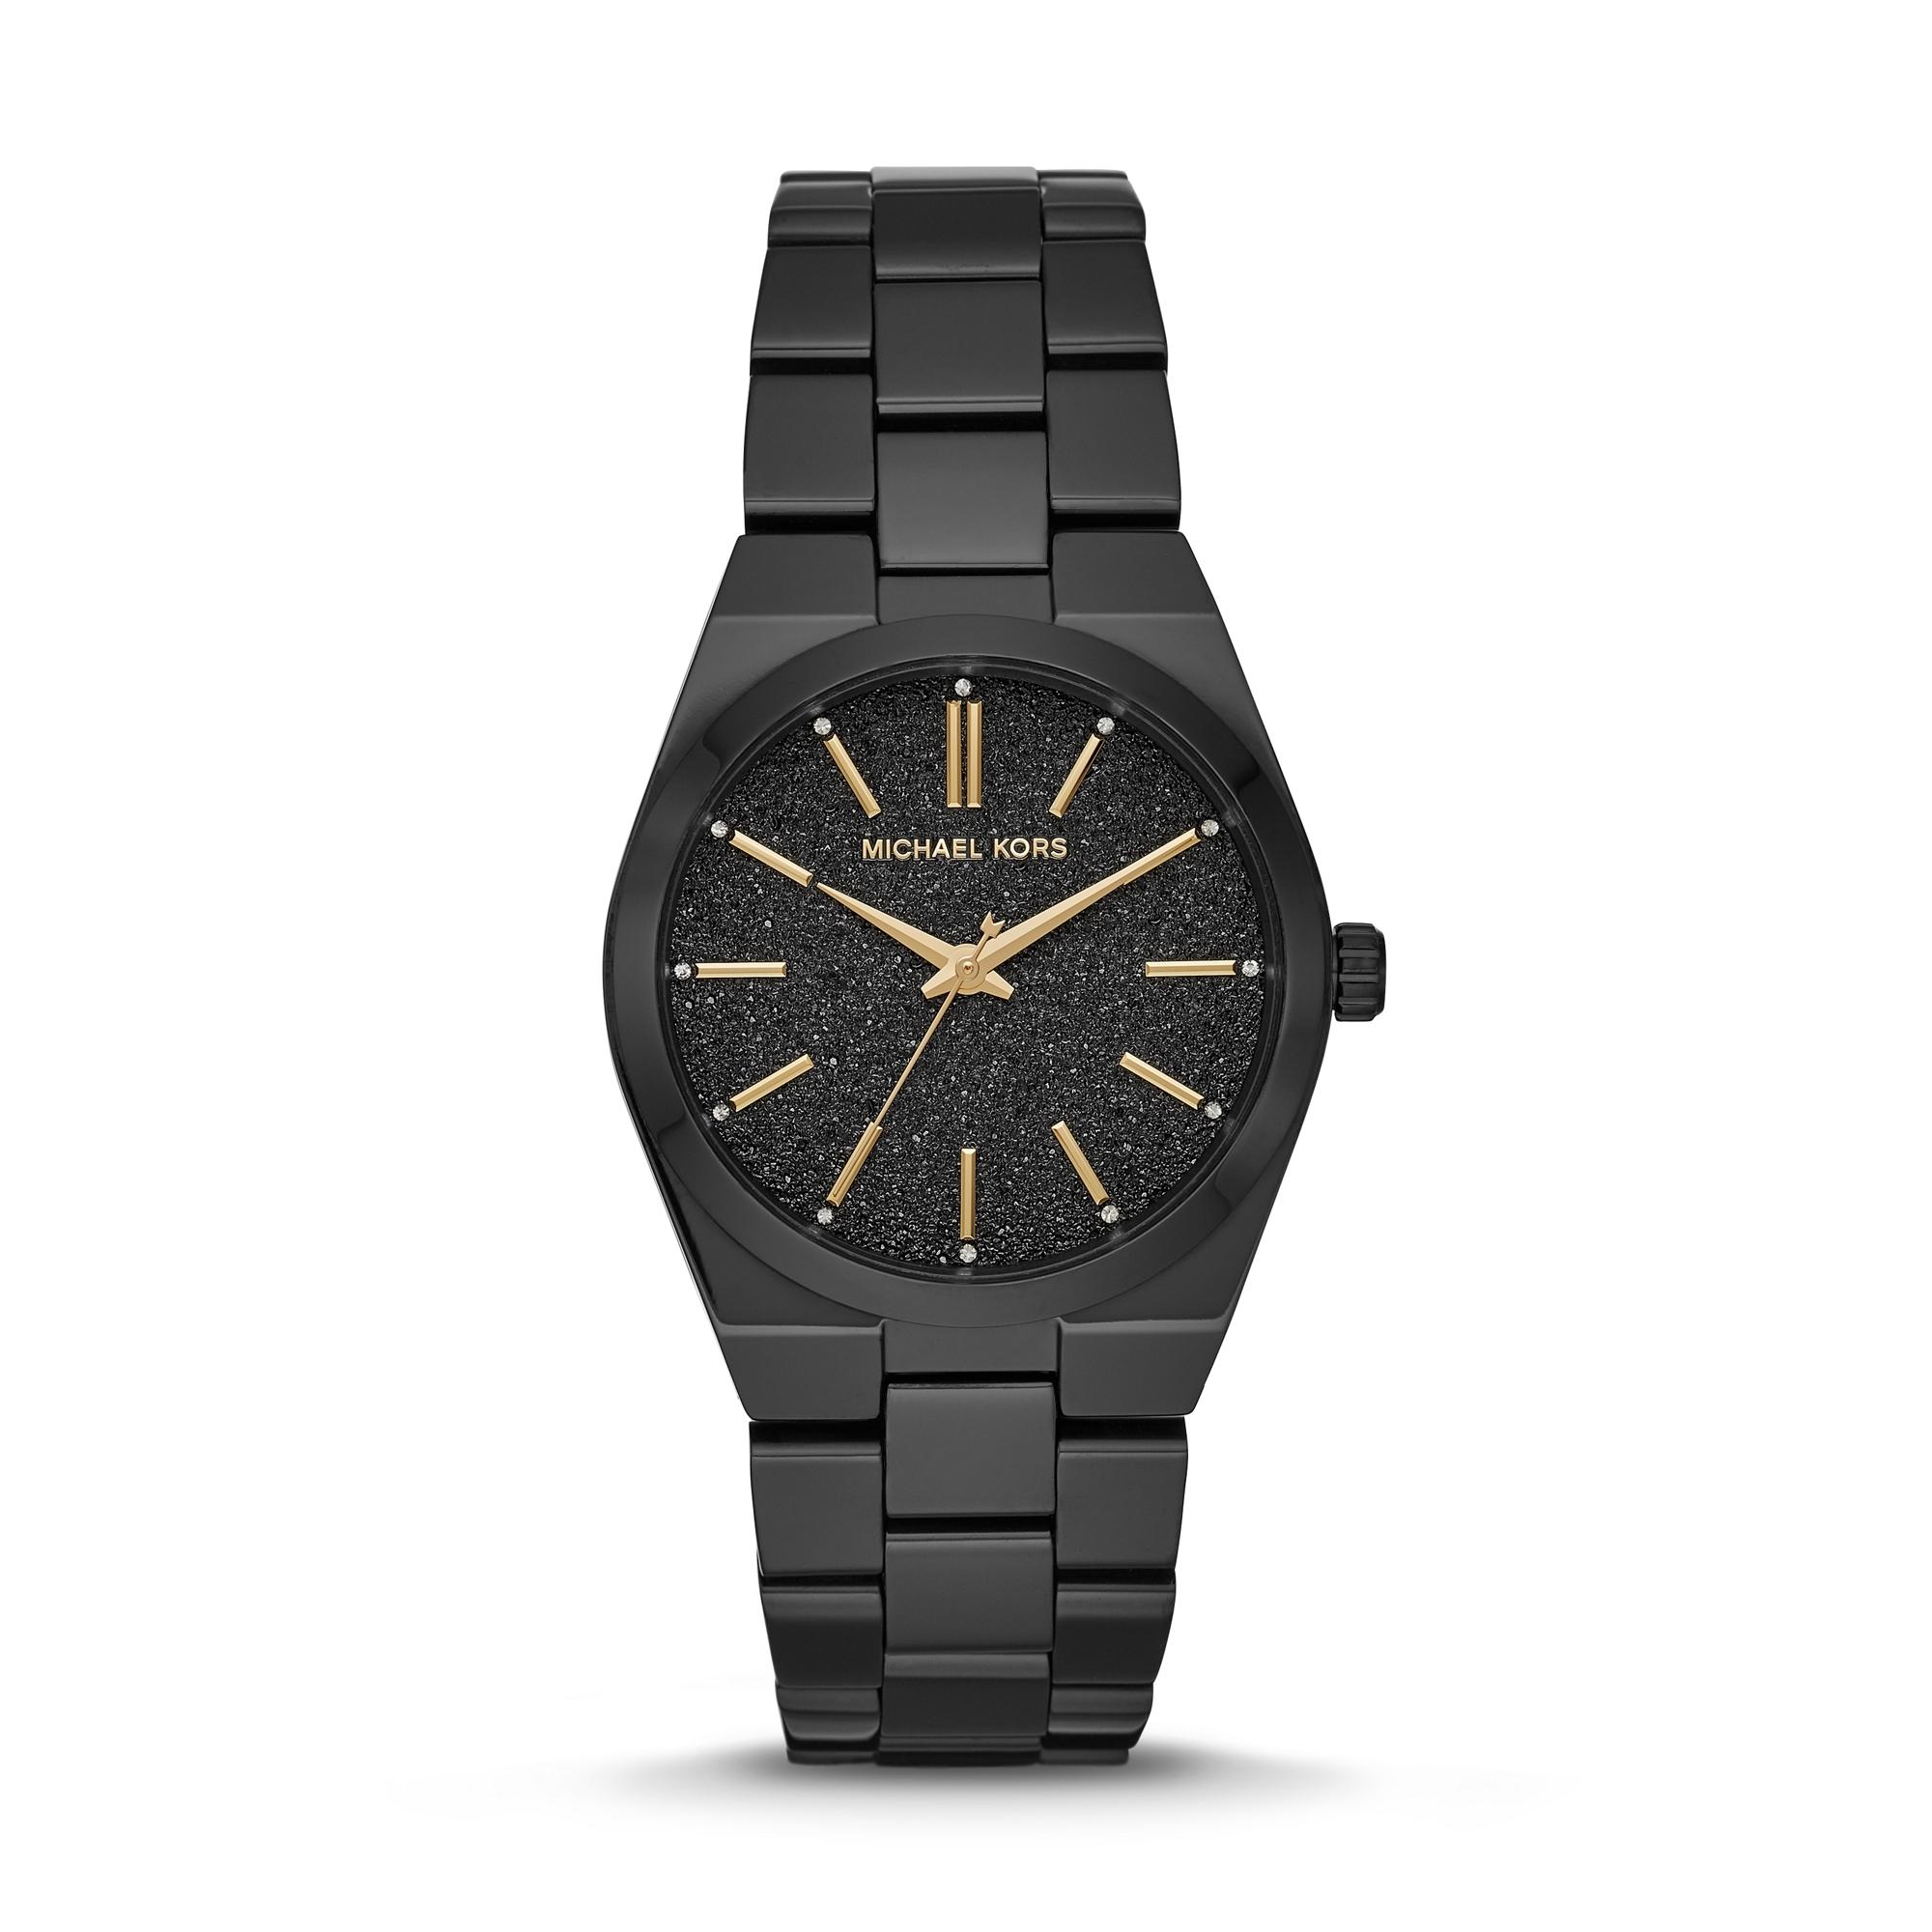 Женские стильные часы на стальном браслете, украшены кристаллами swarovski.